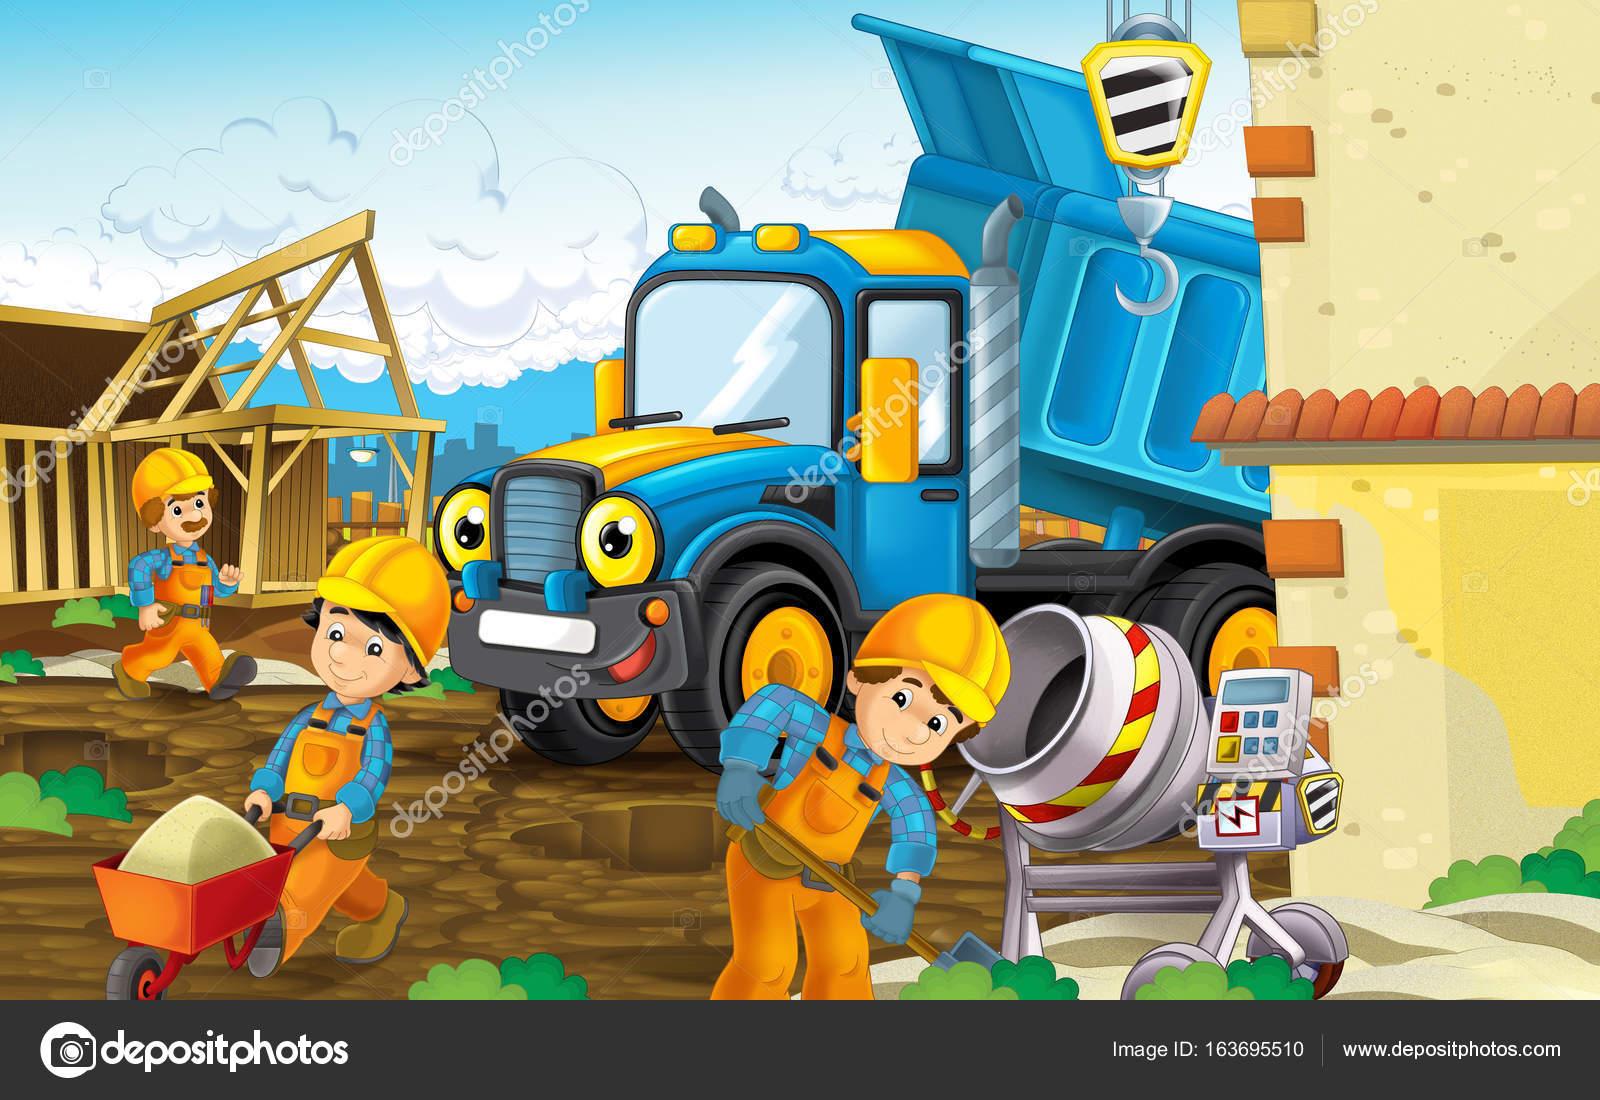 obra con camiones pesados y los trabajadores — Foto de stock ...